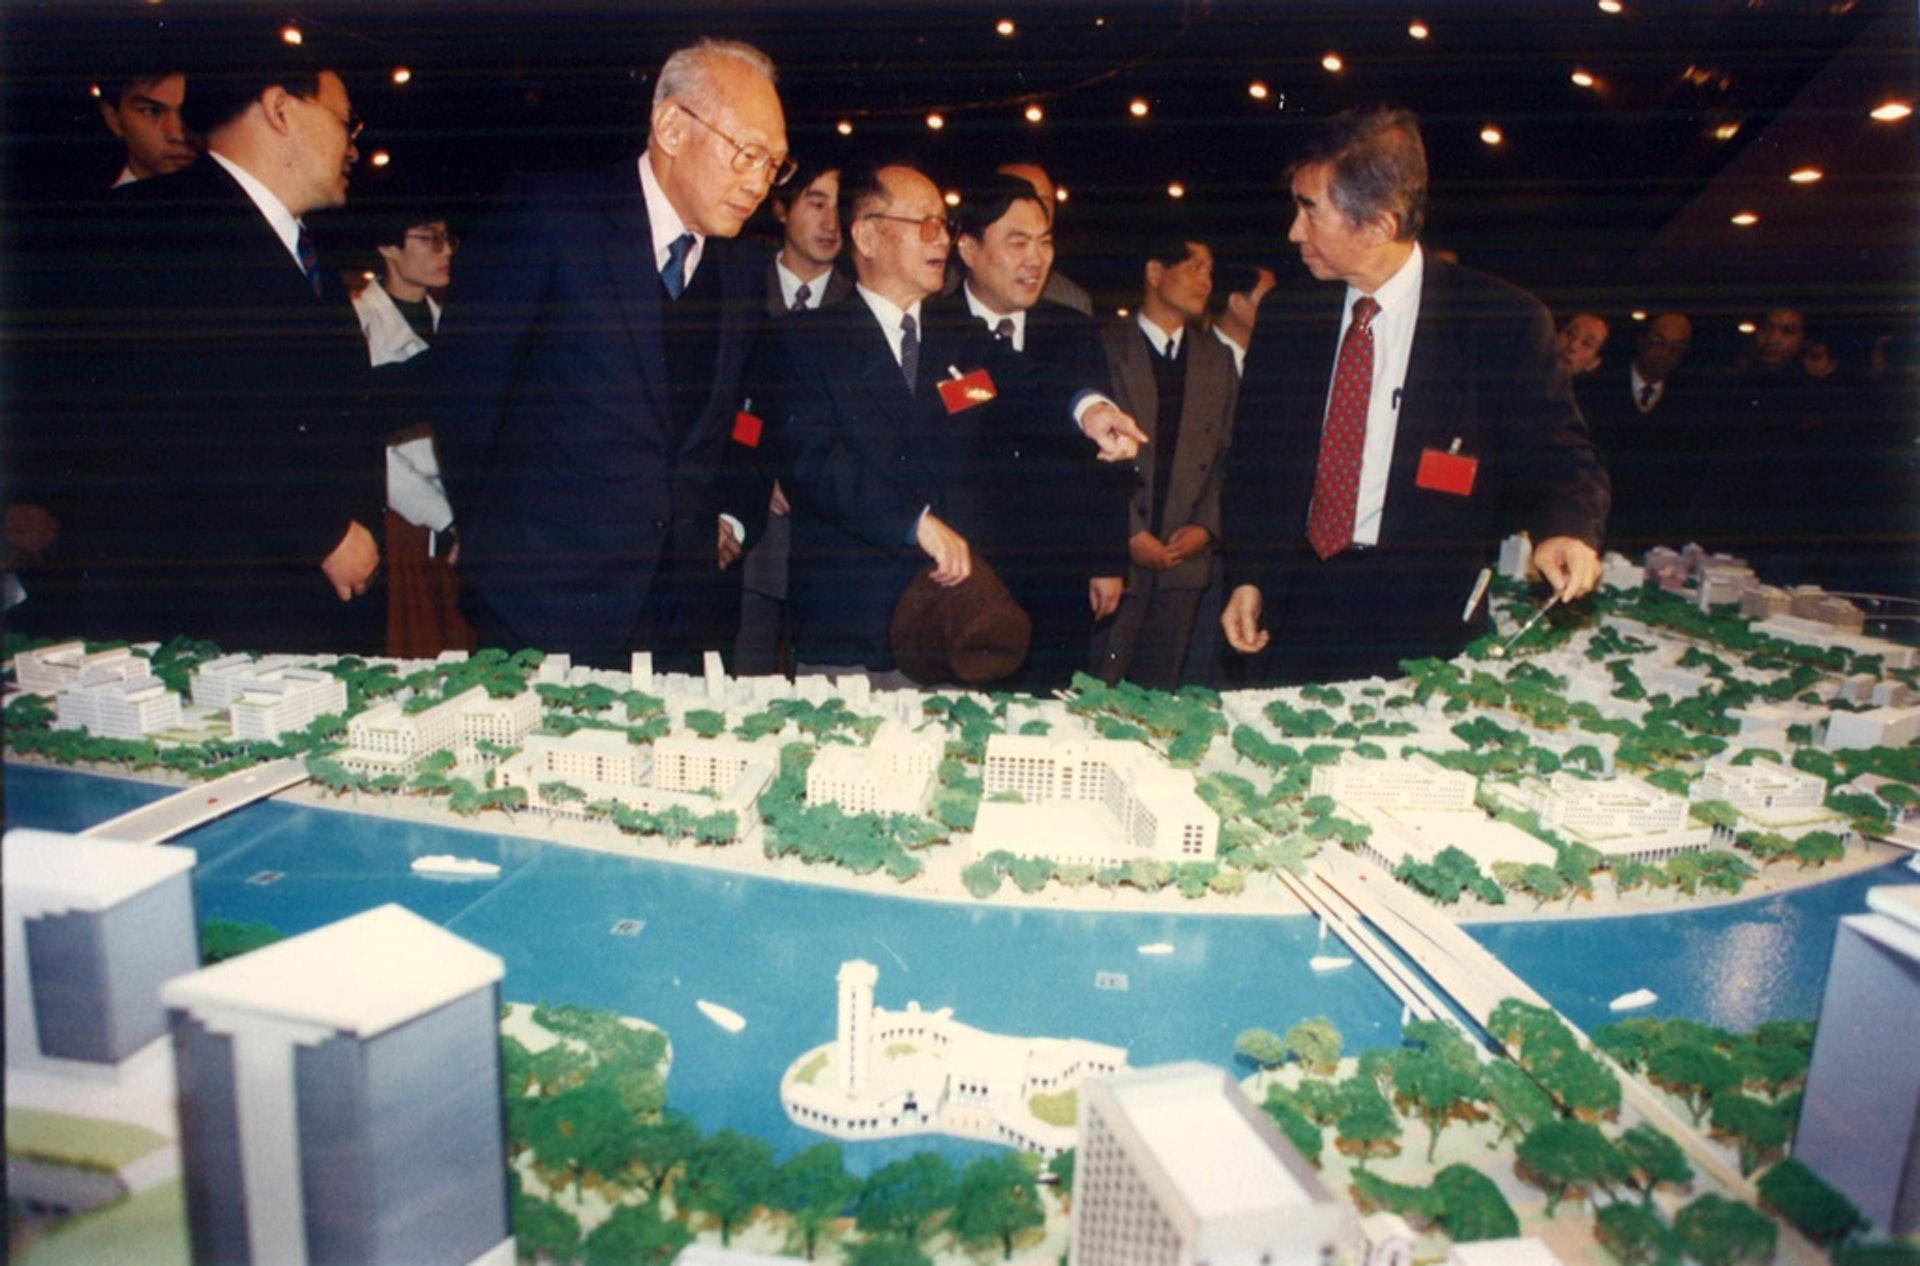 劉太格(右)提到,與已故新加坡總理李光耀(左二)共事期間,李從不曾要求興建任何標誌性建築,而是反覆強調要怎樣解決人民生活、土地的問題。(劉太格提供)